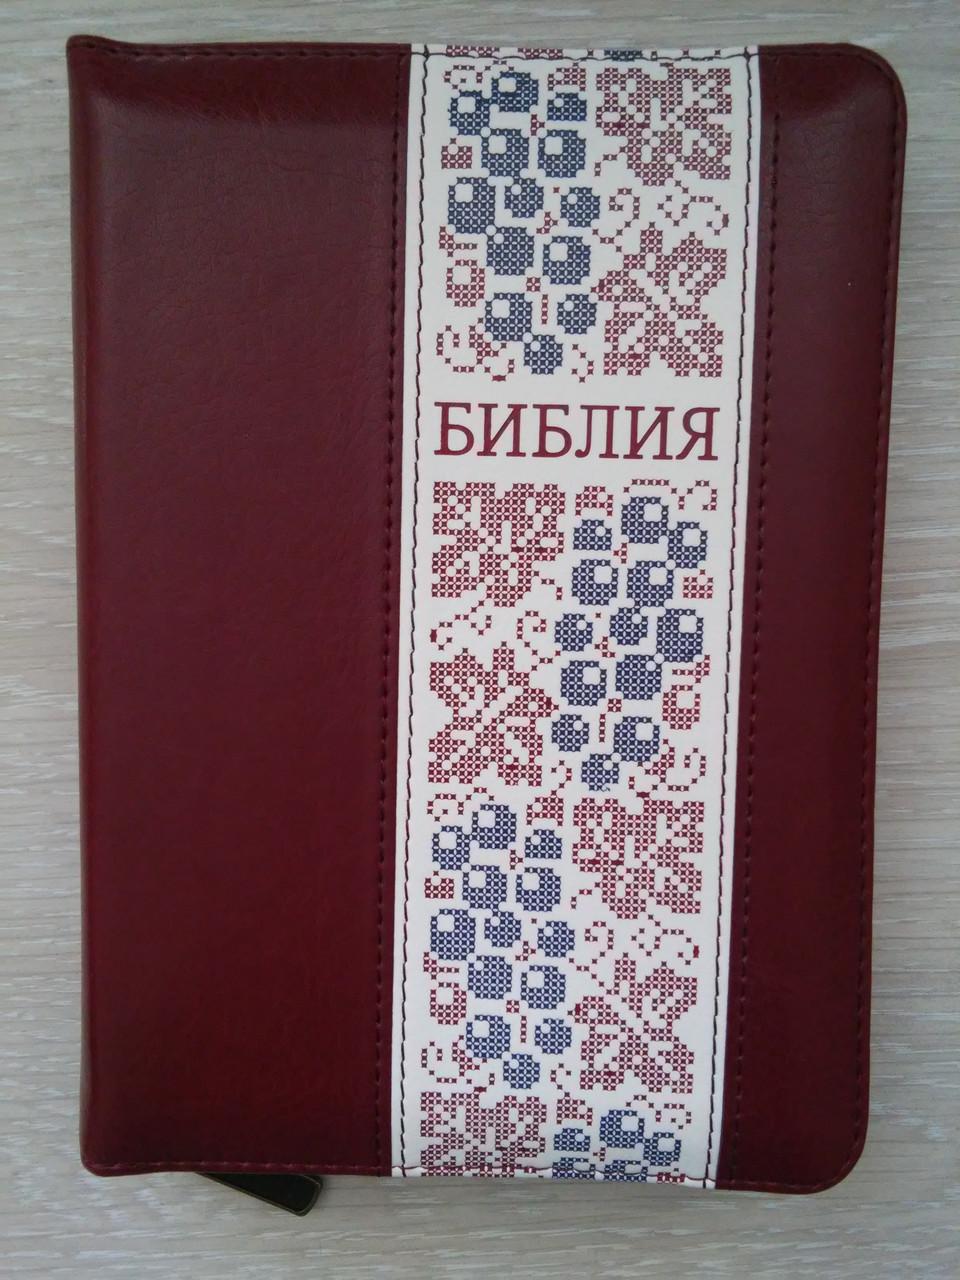 """Библия, 13,5х18,5 см., коричневая с вставкой """"вышивка"""", с замком, индексами"""